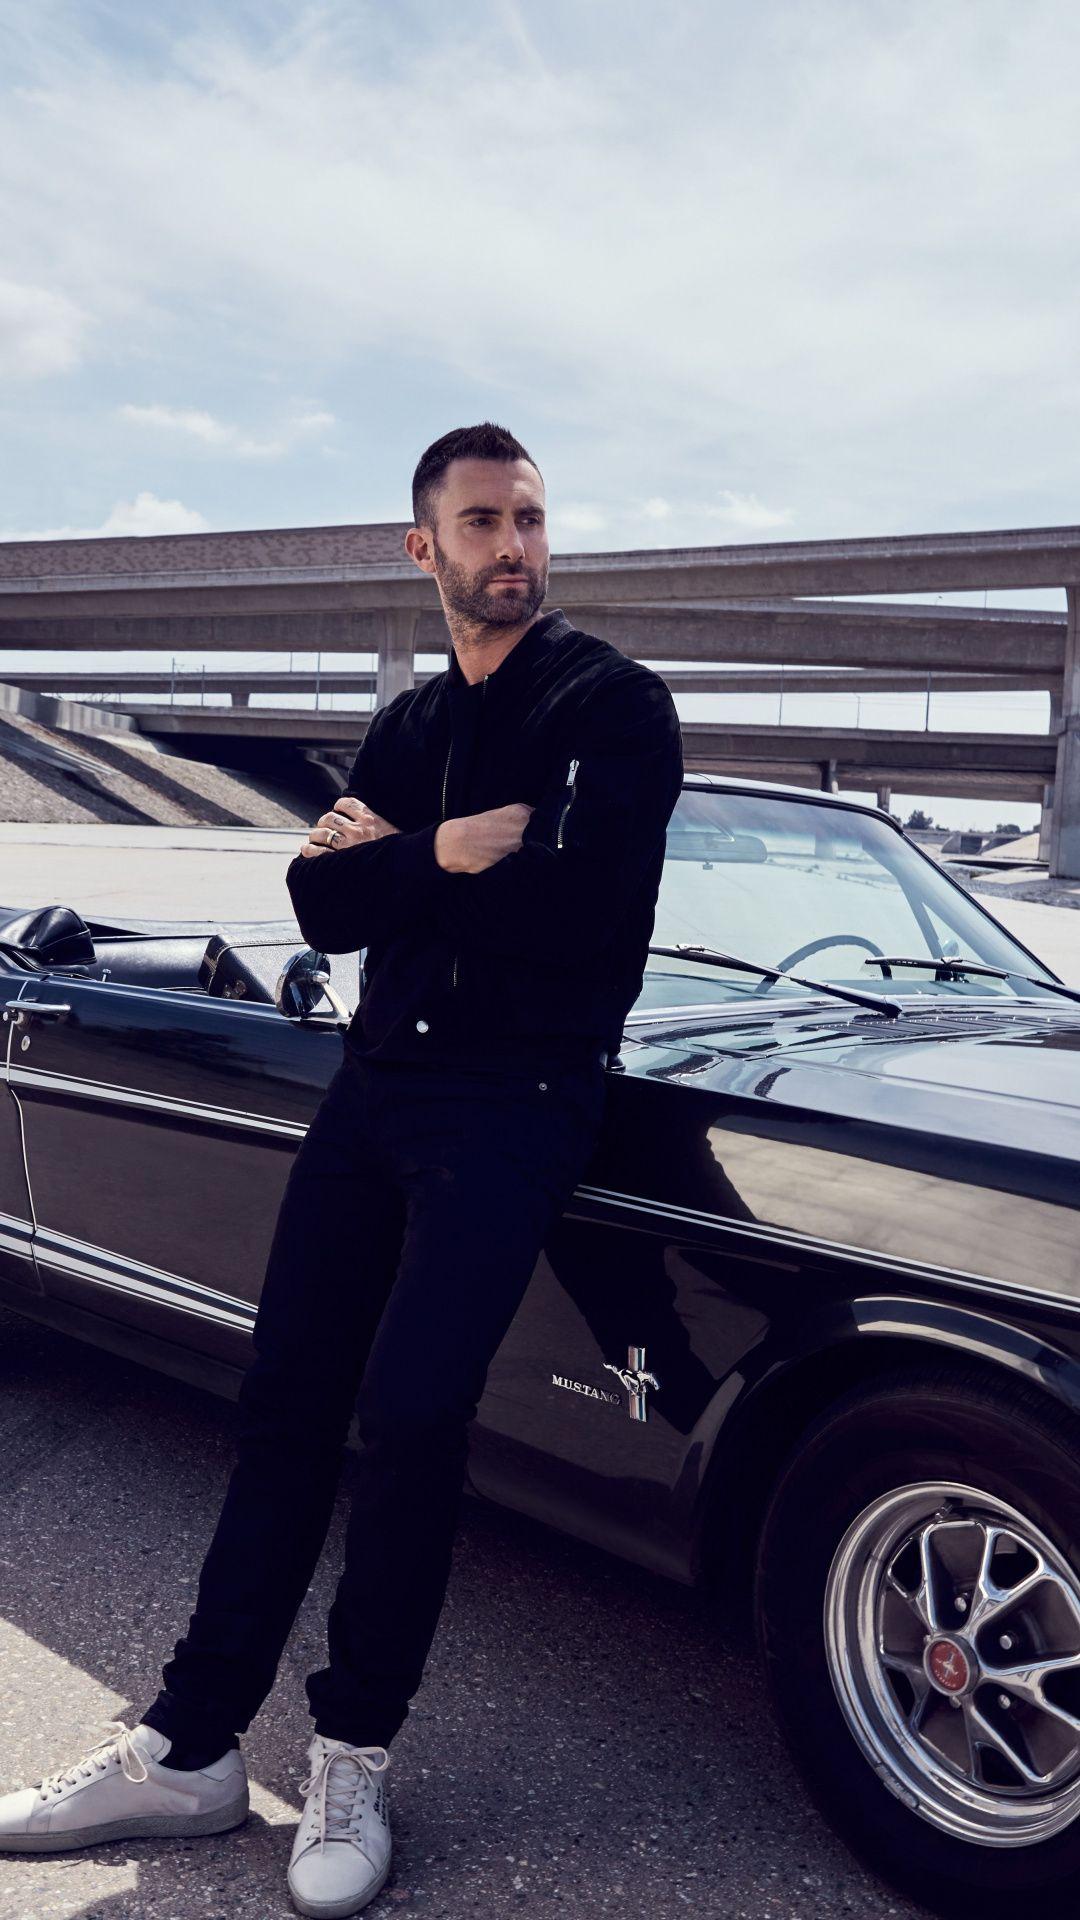 Adam Levine Vogue Celebrity 2018 1080x1920 Wallpaper Celebrity Wallpapers Adam Levine Celebrities